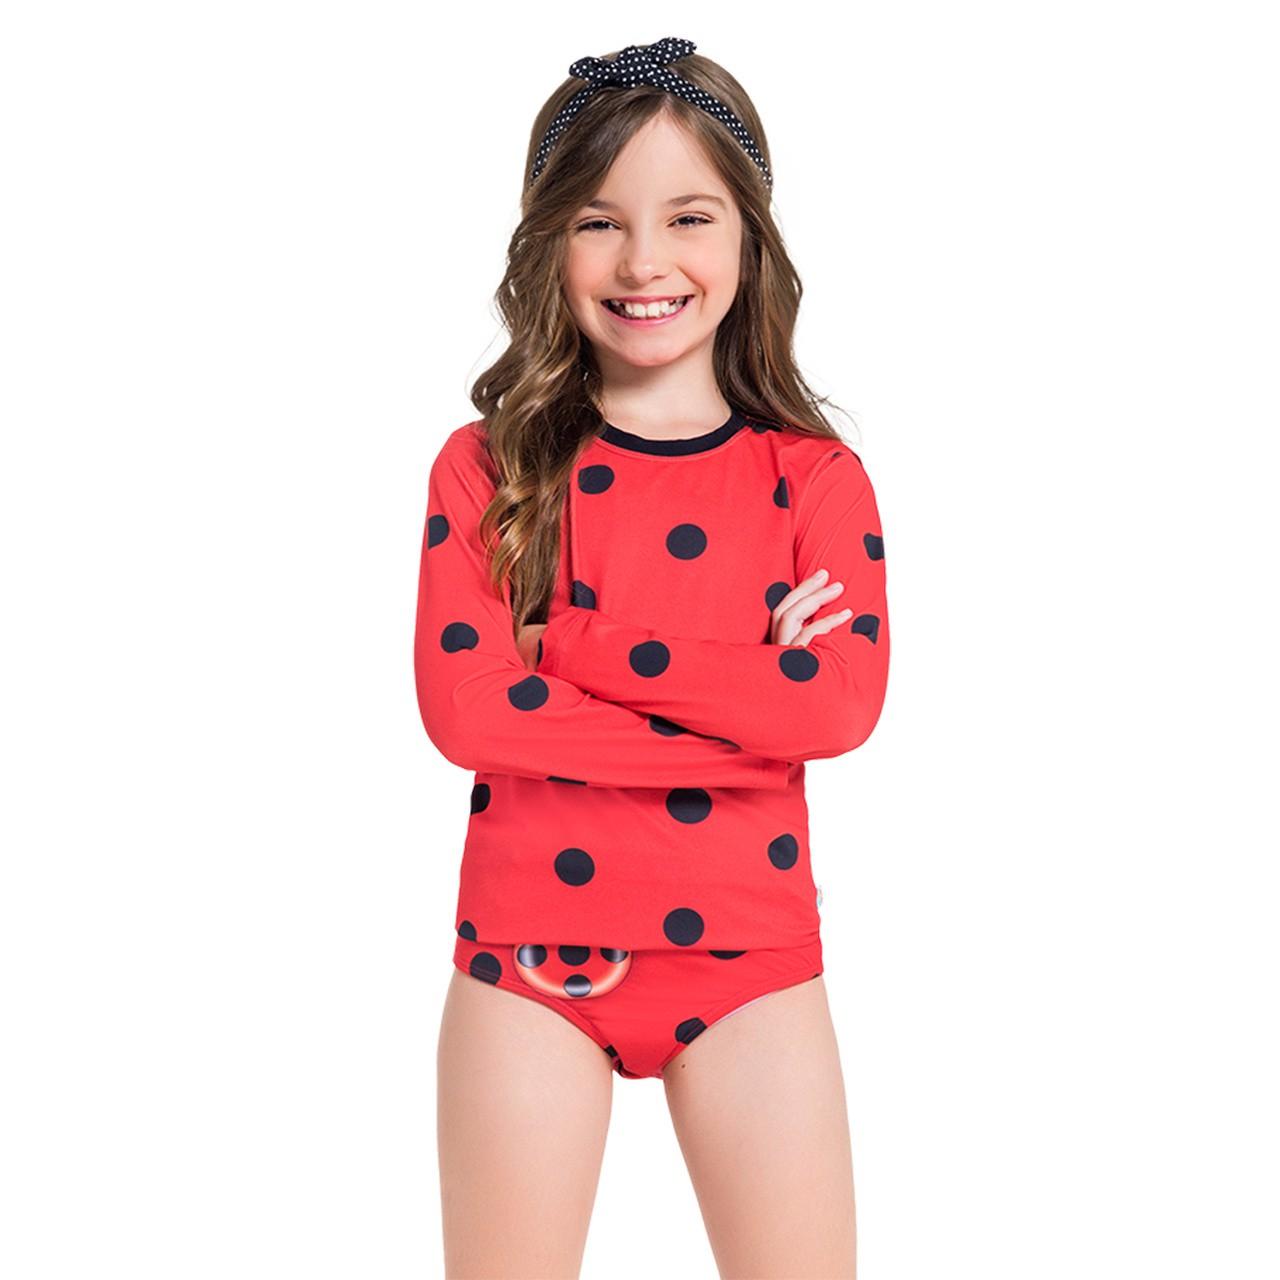 Blusa manga longa + calcinha lady bug infantil menina piscina